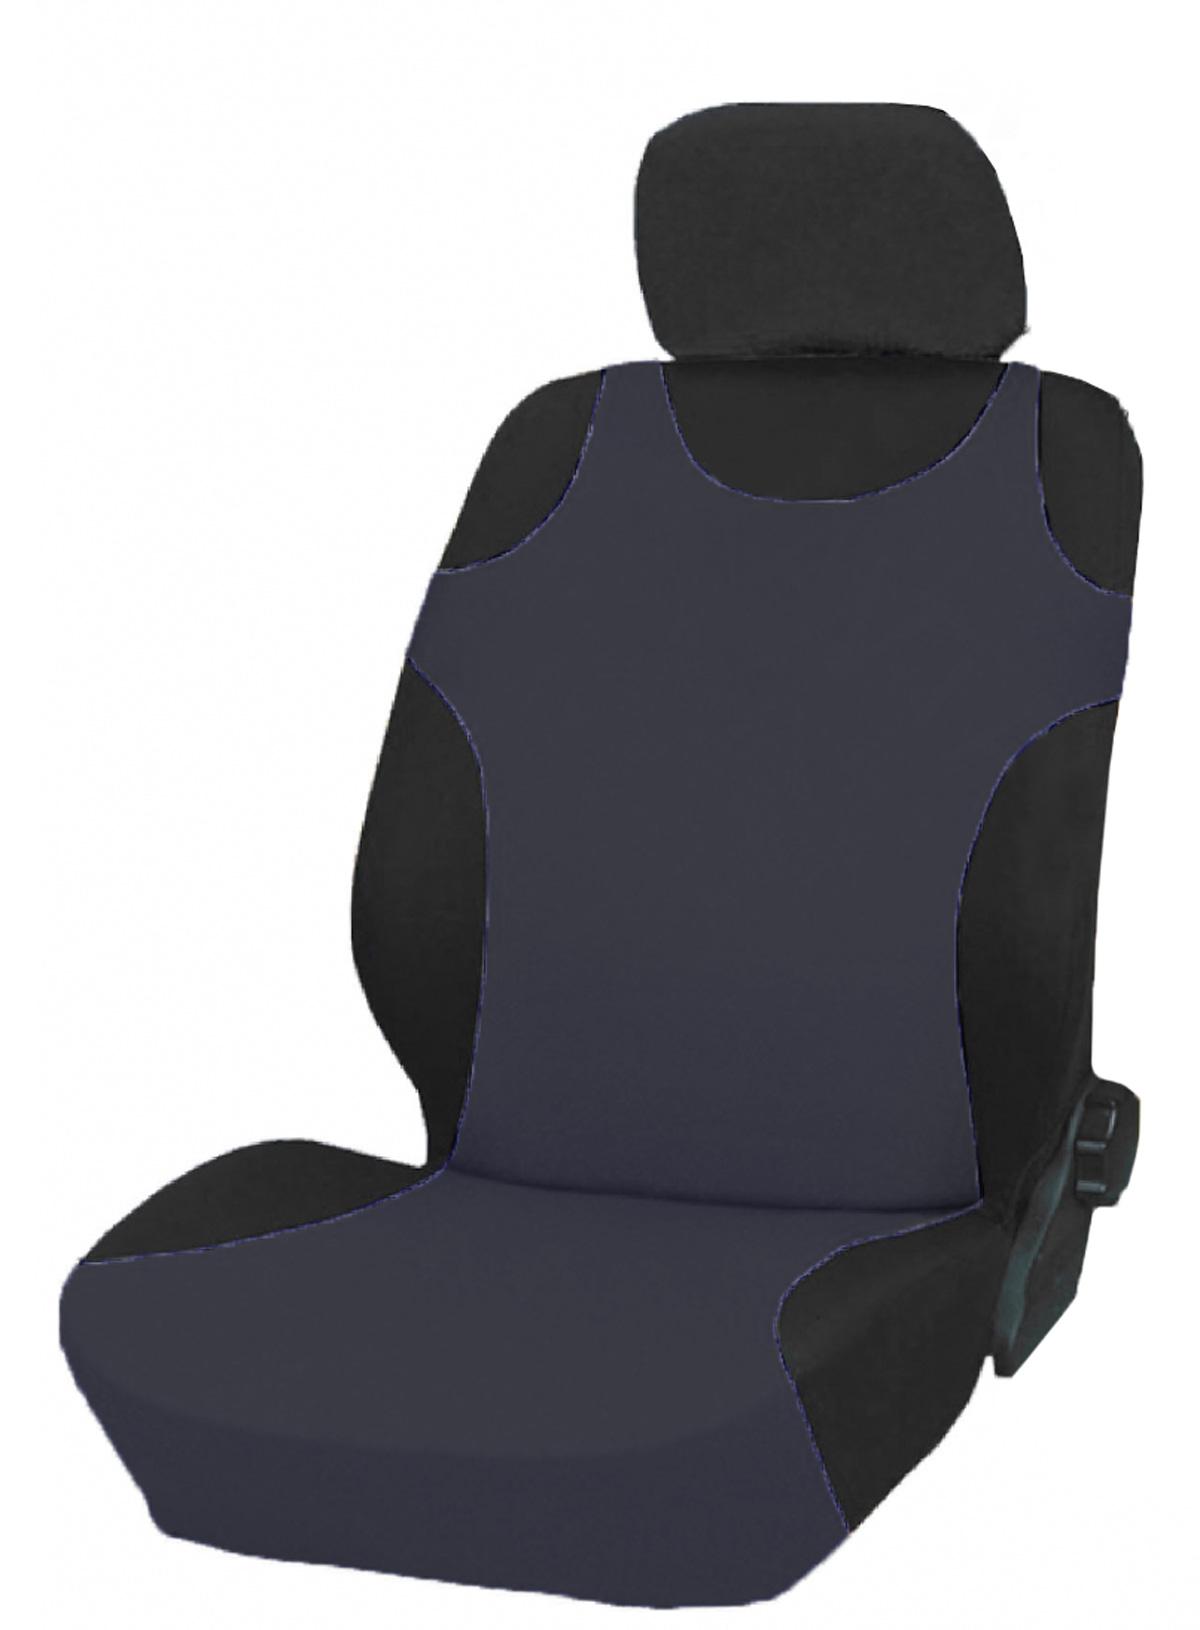 Чехол-майка на переднее сиденье Phantom, цвет: серый, 2 шт5066Чехол-майка на переднее сиденье Phantom выполнен из полиэстера с поролоновой подложкой. Комплект состоит из двух чехлов-маек на передние сиденья автомобиля. Чехлы имеют универсальный размер и могут использоваться на сиденьях со встроенными боковыми подушками безопасности. Размеры: 112 см (+10 см резинка) х 46 см (по спинке сиденья, немного растягивается).